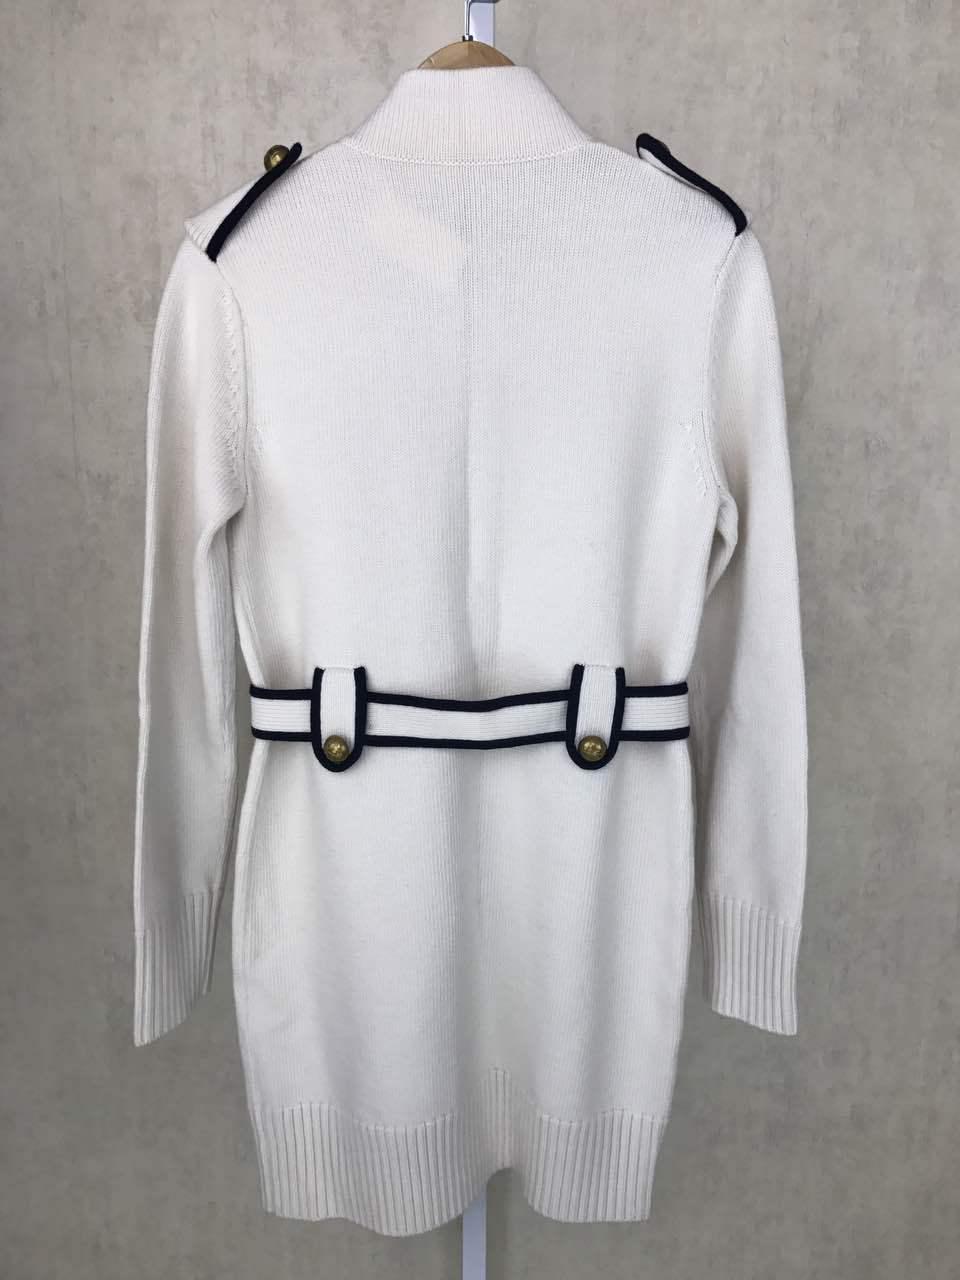 Suéter de punto blanco de punto largo cárdigan mujer de punto otoño e invierno abrigo y chaquetas con bolsillos de cinturón-in Caquetas de punto from Ropa de mujer    3